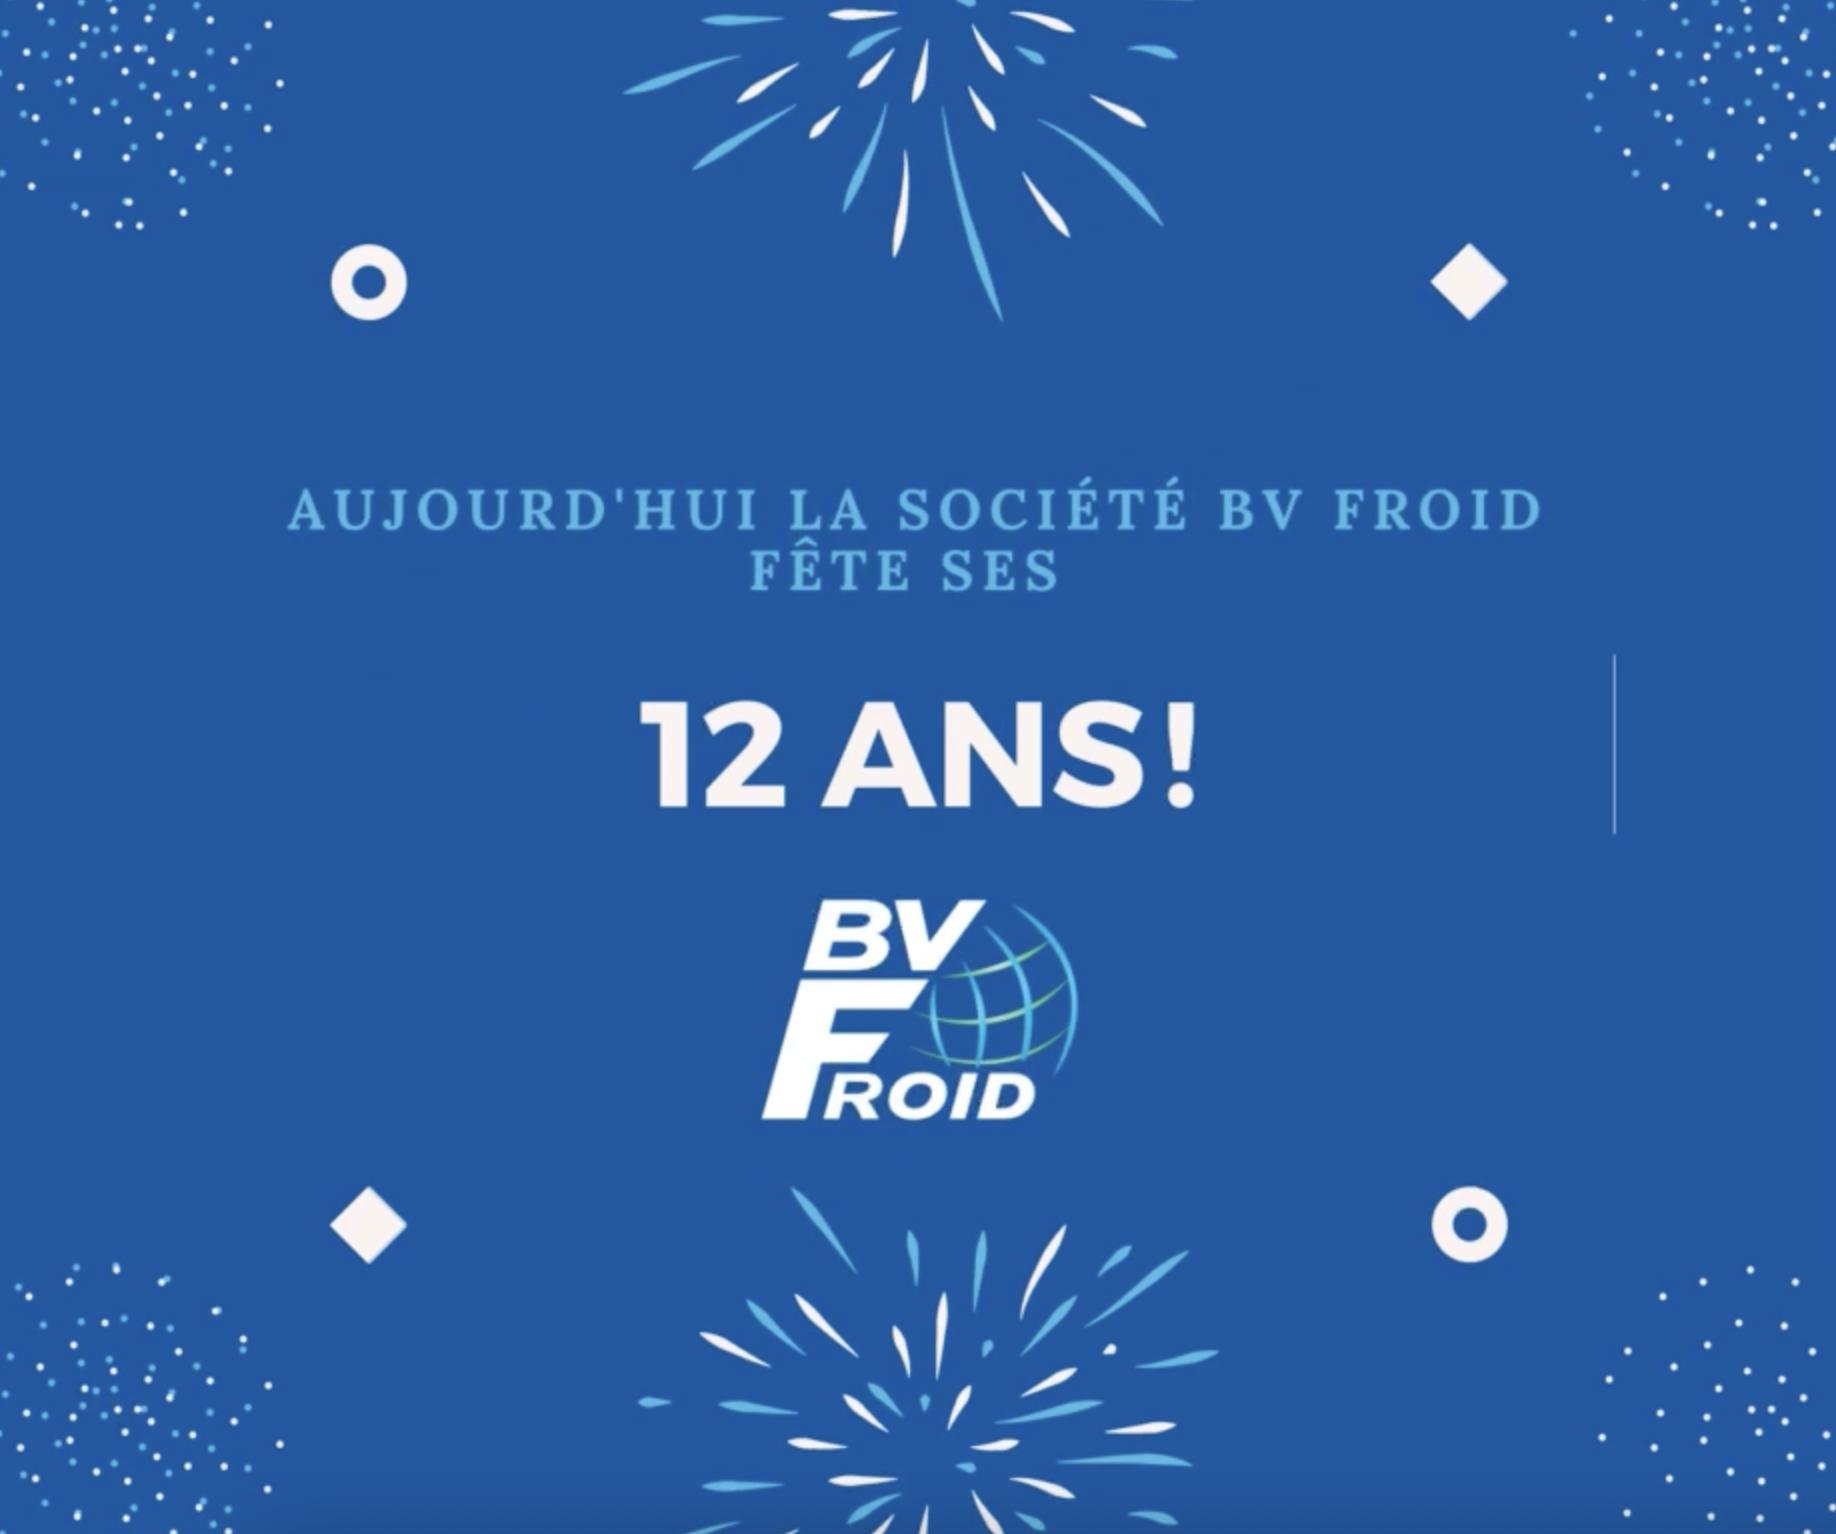 BV Froid fête ses 12 ans